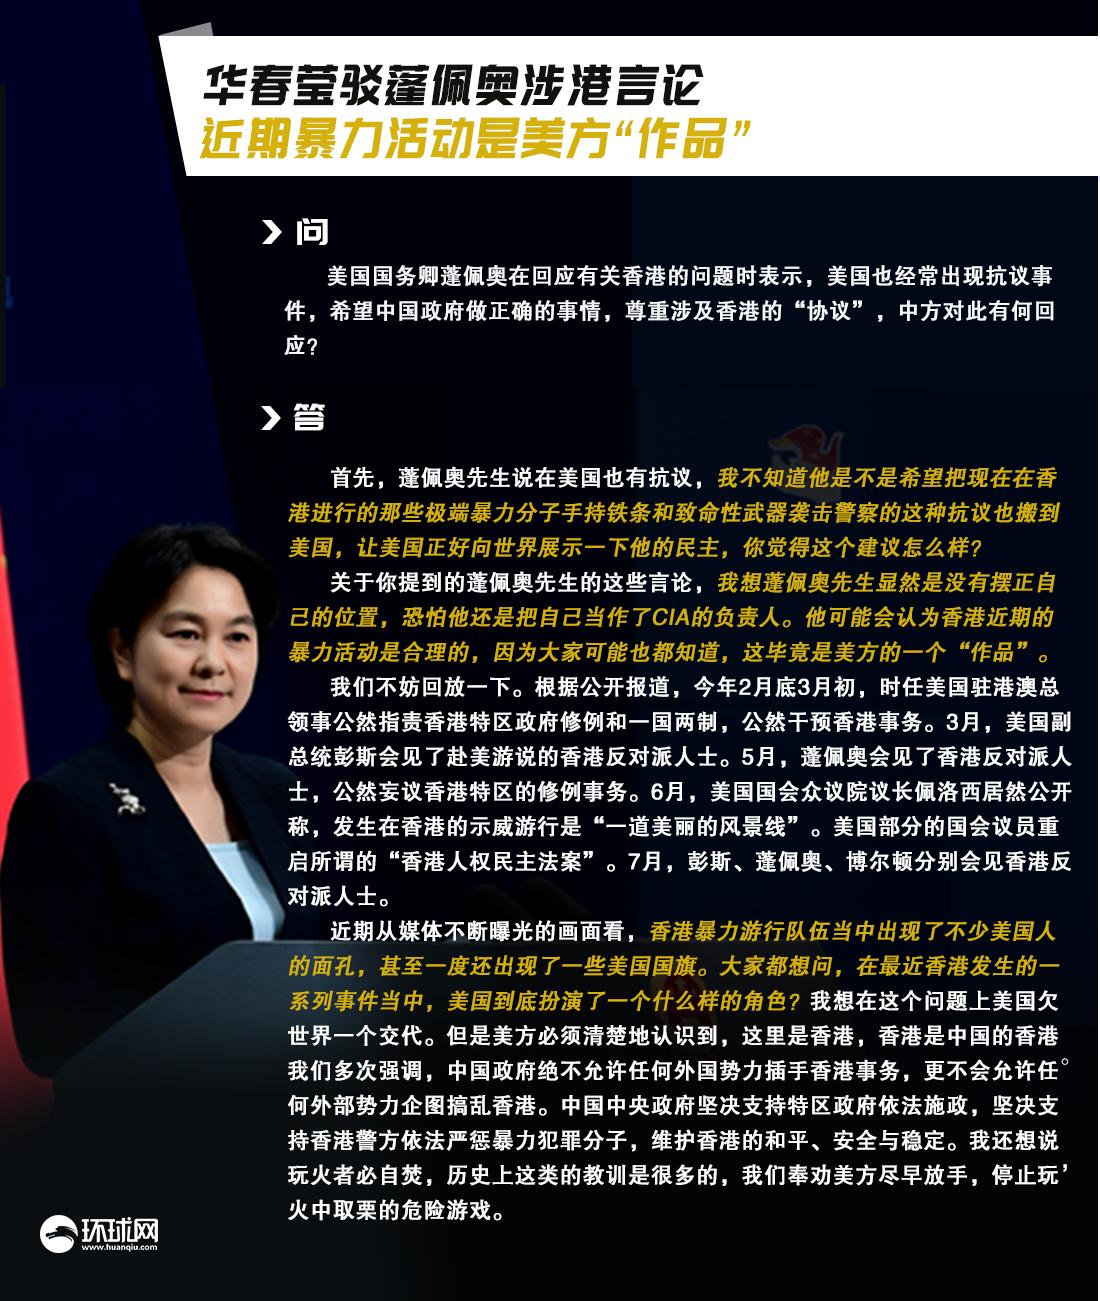 发改委副主任周冰全城热恋2014外交部记者会,华春莹回放了美国干与香港那些事!